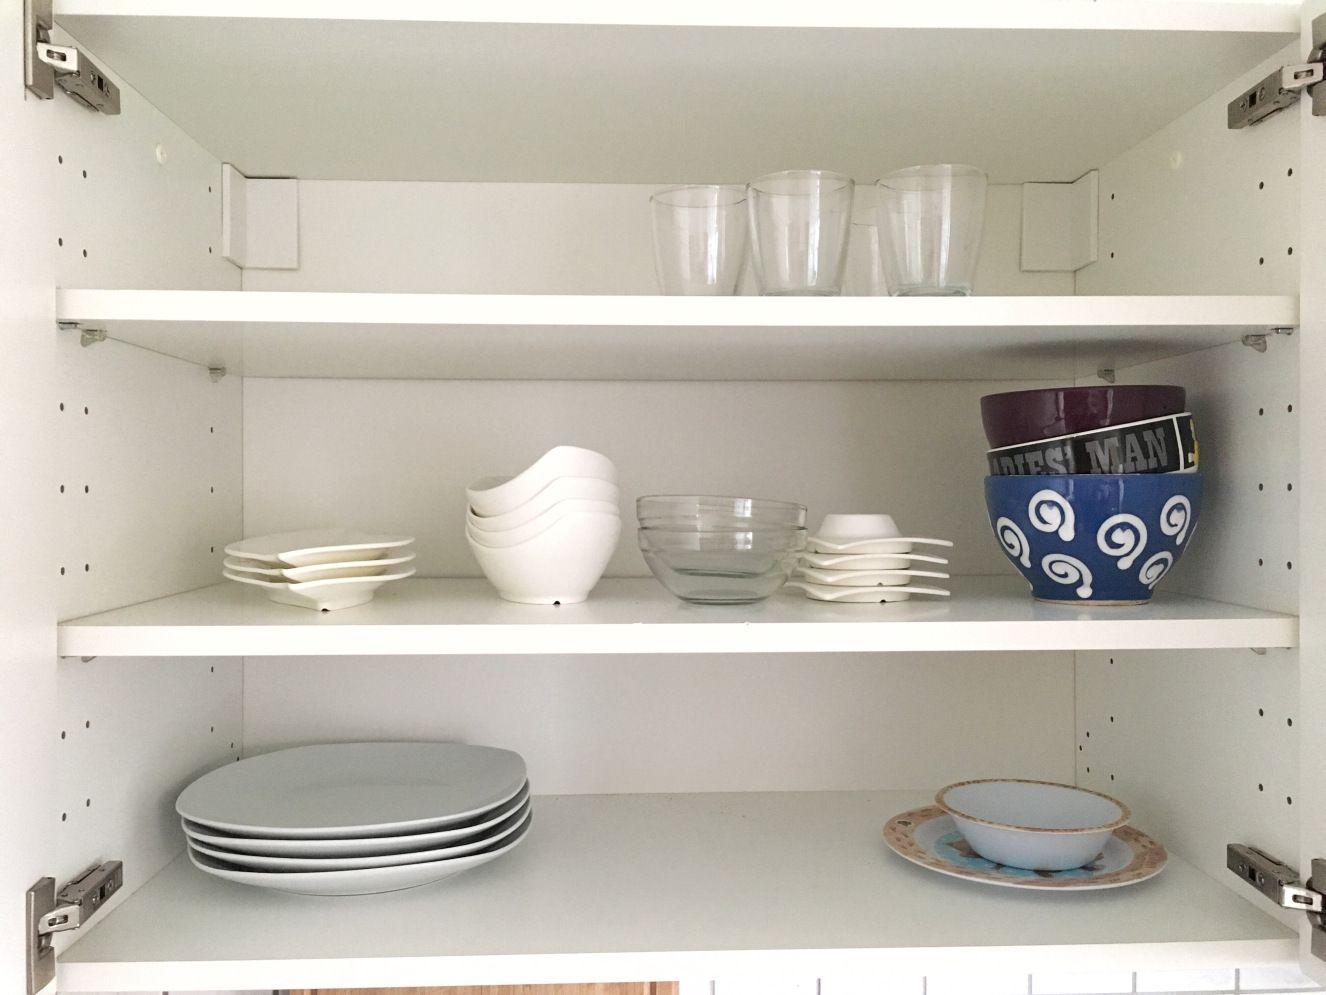 Küchenschränke organisieren: Geschirr | Küchenschränke ...